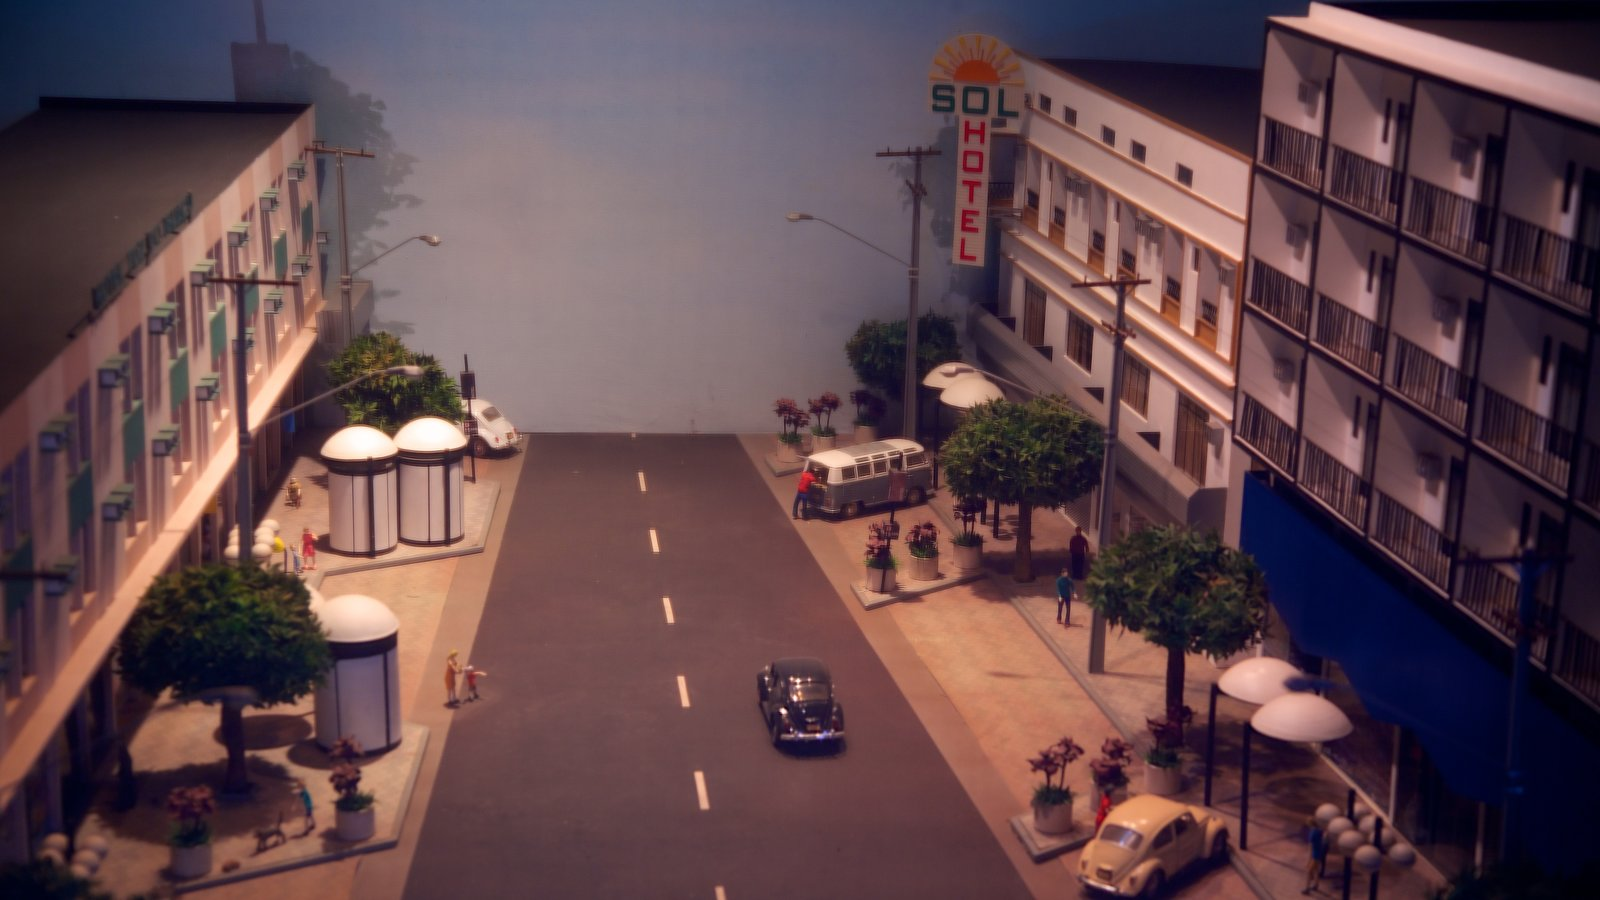 Ecomuseu caracterizando cenas de rua, vistas internas e uma cidade